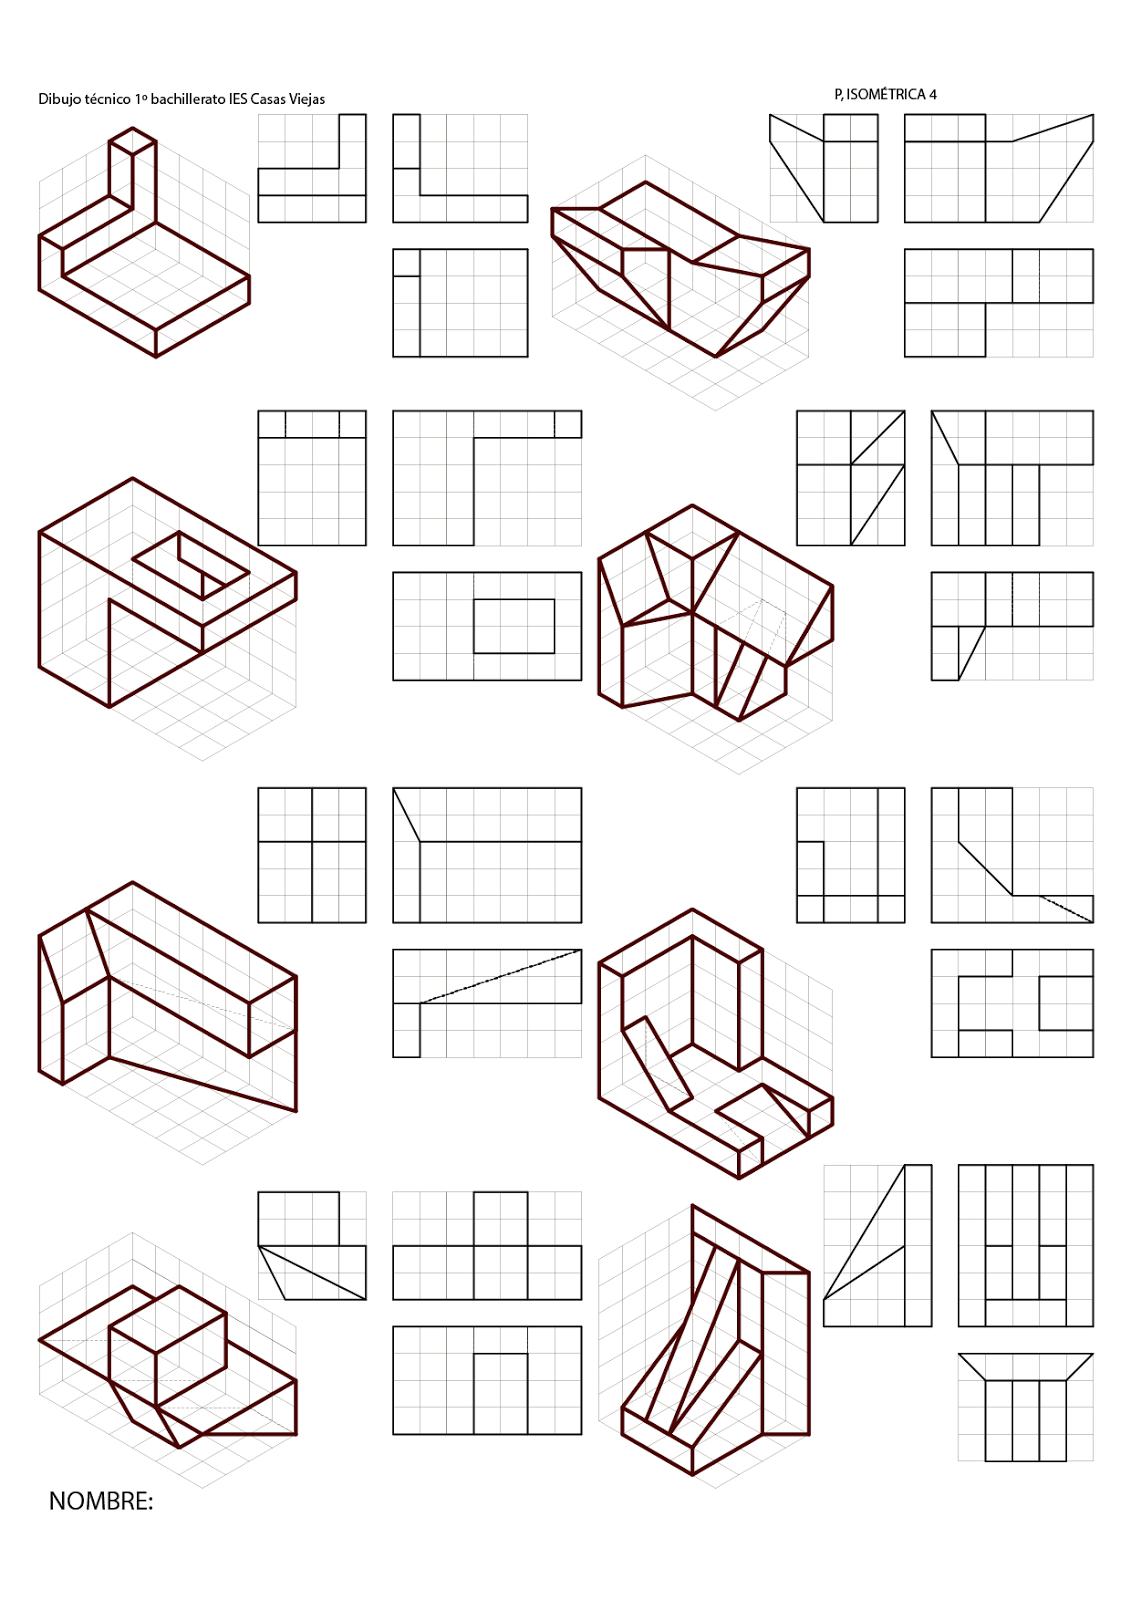 libro dibujo tecnico 2 bachillerato pdf